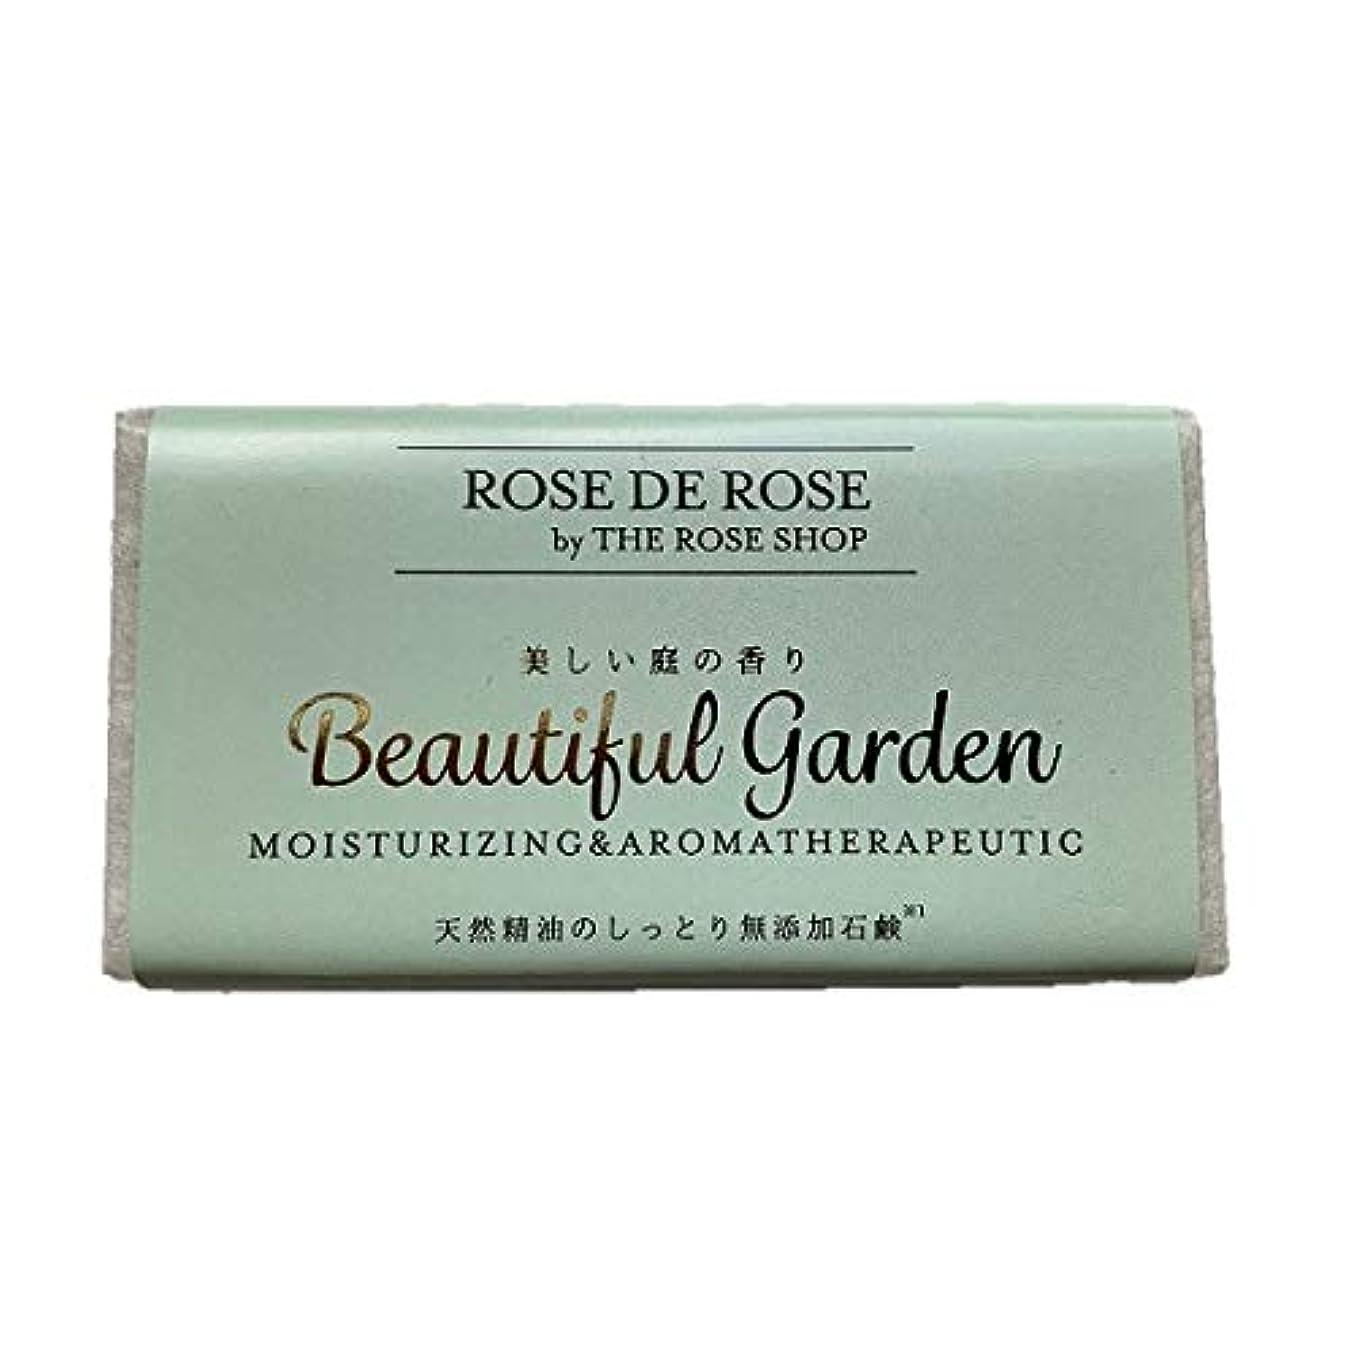 飢え酸っぱいシットコム天然精油の無添加石鹸 「美しい庭の香り ビューティフルガーデン」